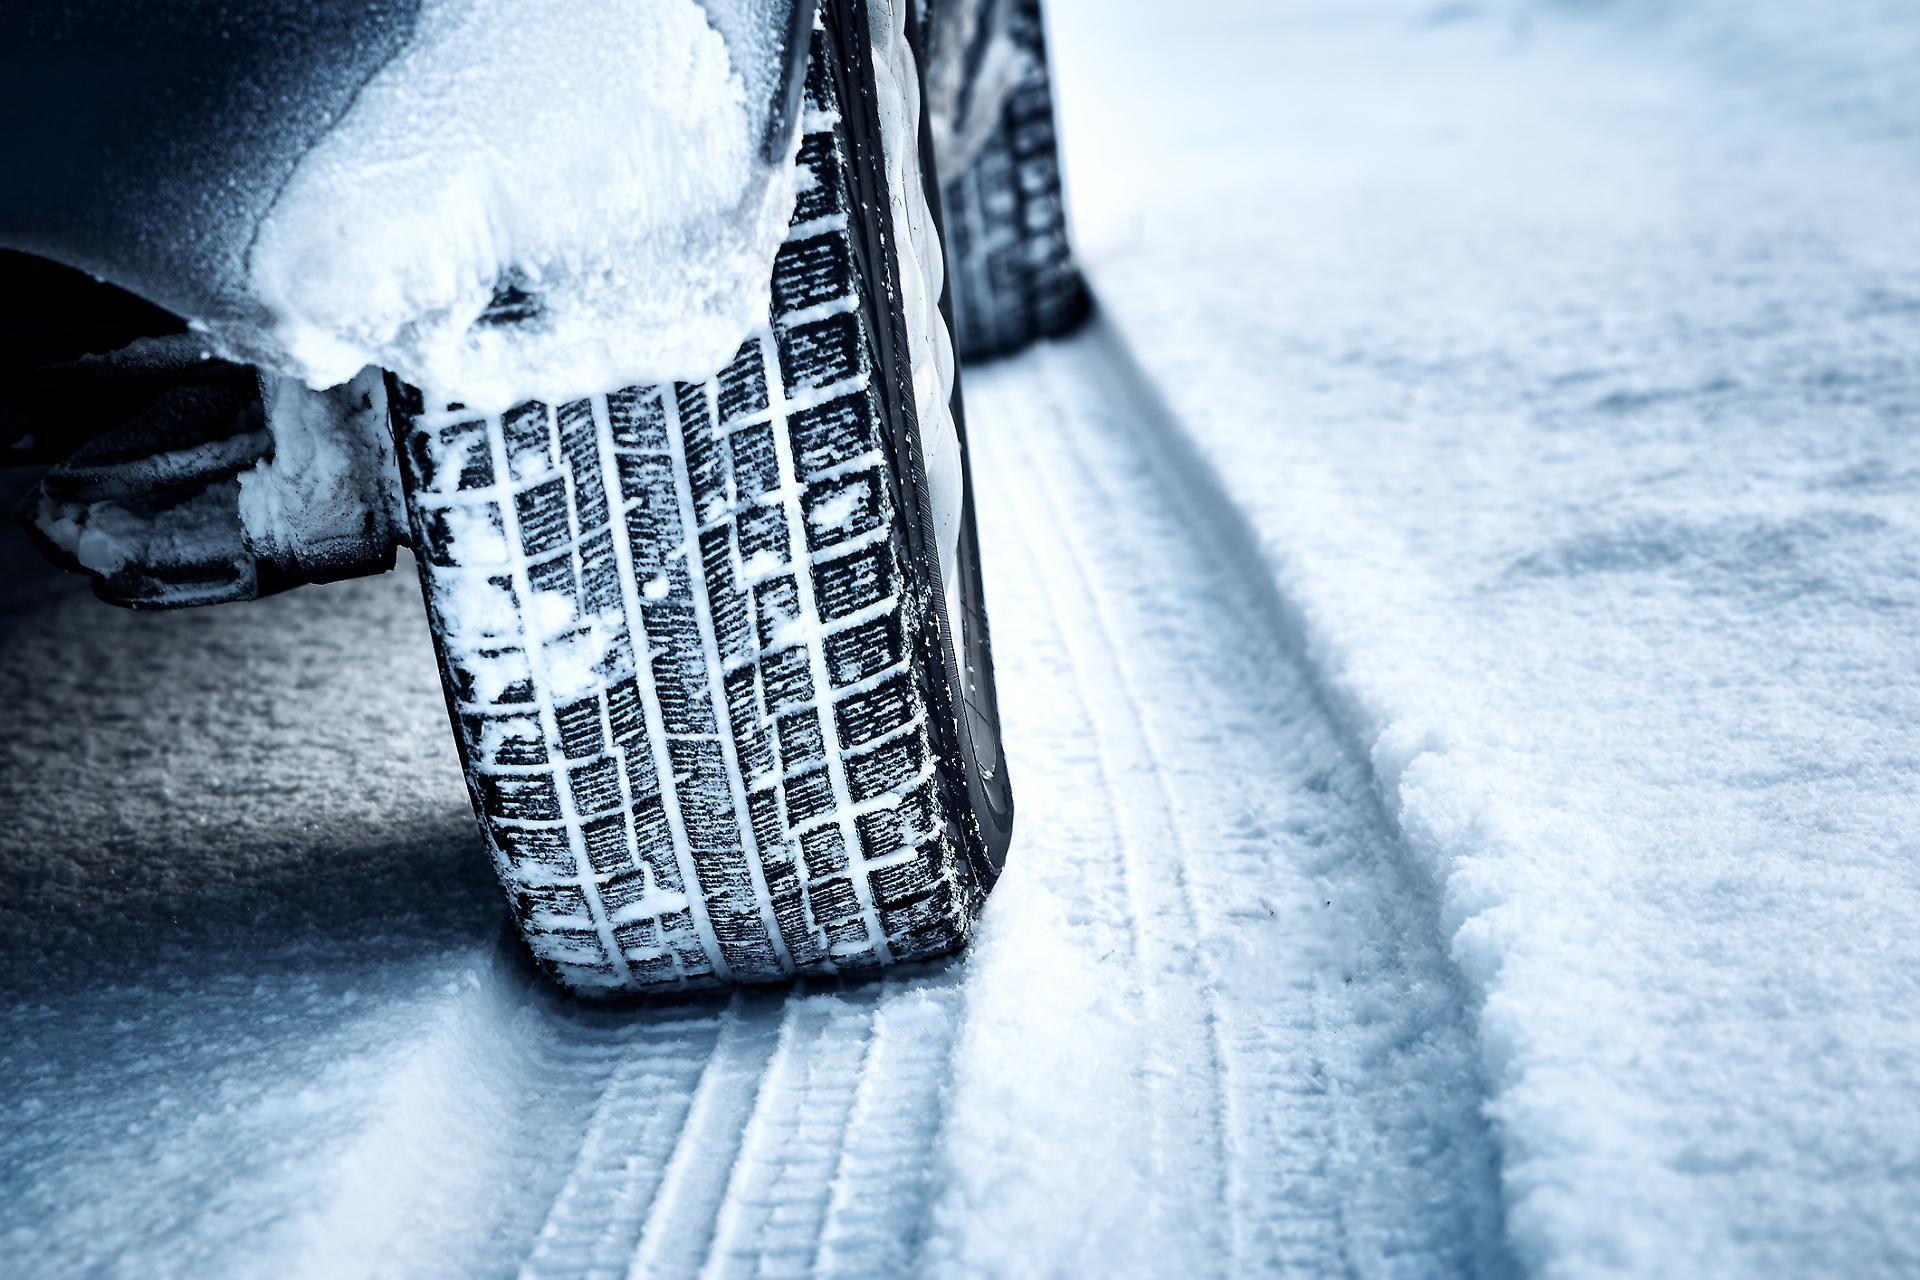 CANAVESE - Obbligo di catene o gomme da neve sulle strade provinciali - SCARICA LA LISTA DELLE STRADE